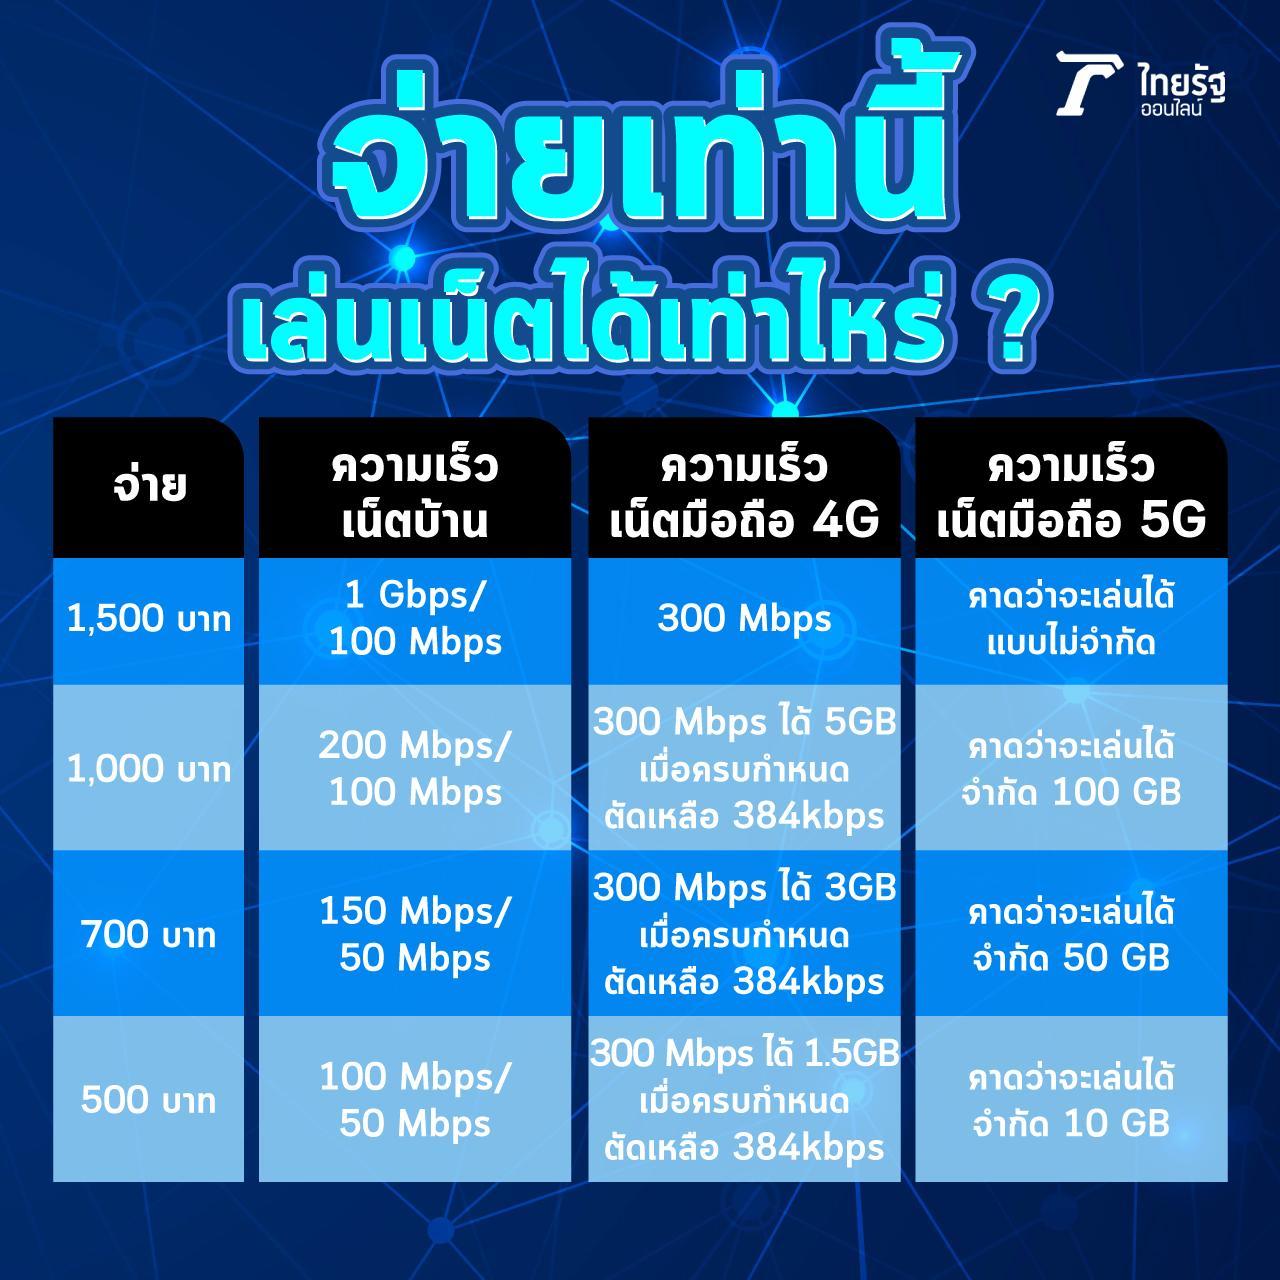 *ไทยรัฐออนไลน์รวบรวม เฉลี่ยราคาจากผู้ให้บริการในไทย